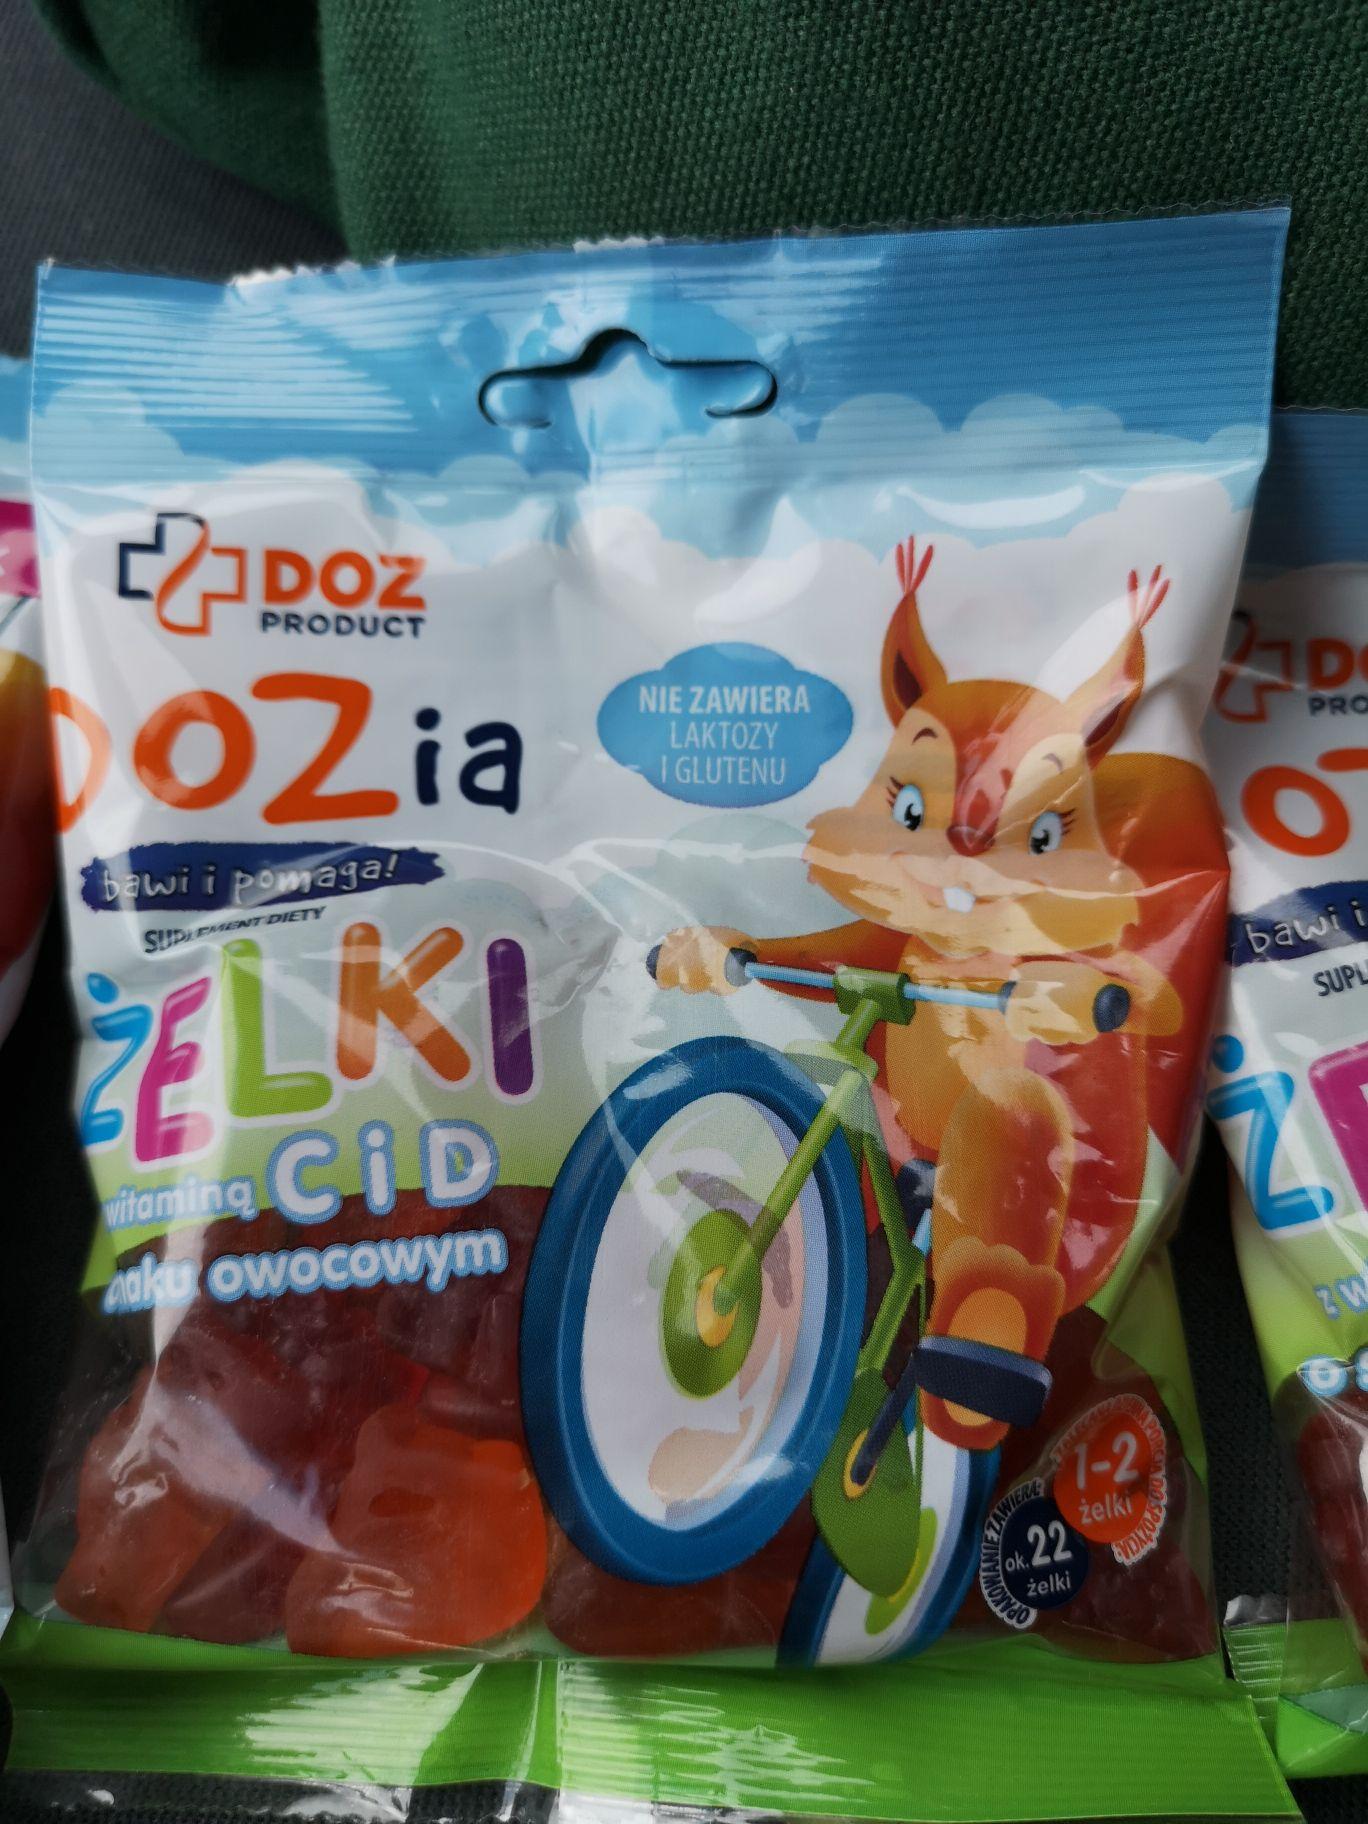 Żelki owocowe z witaminami dla dzieci apteka @DOZ (Szczecin)